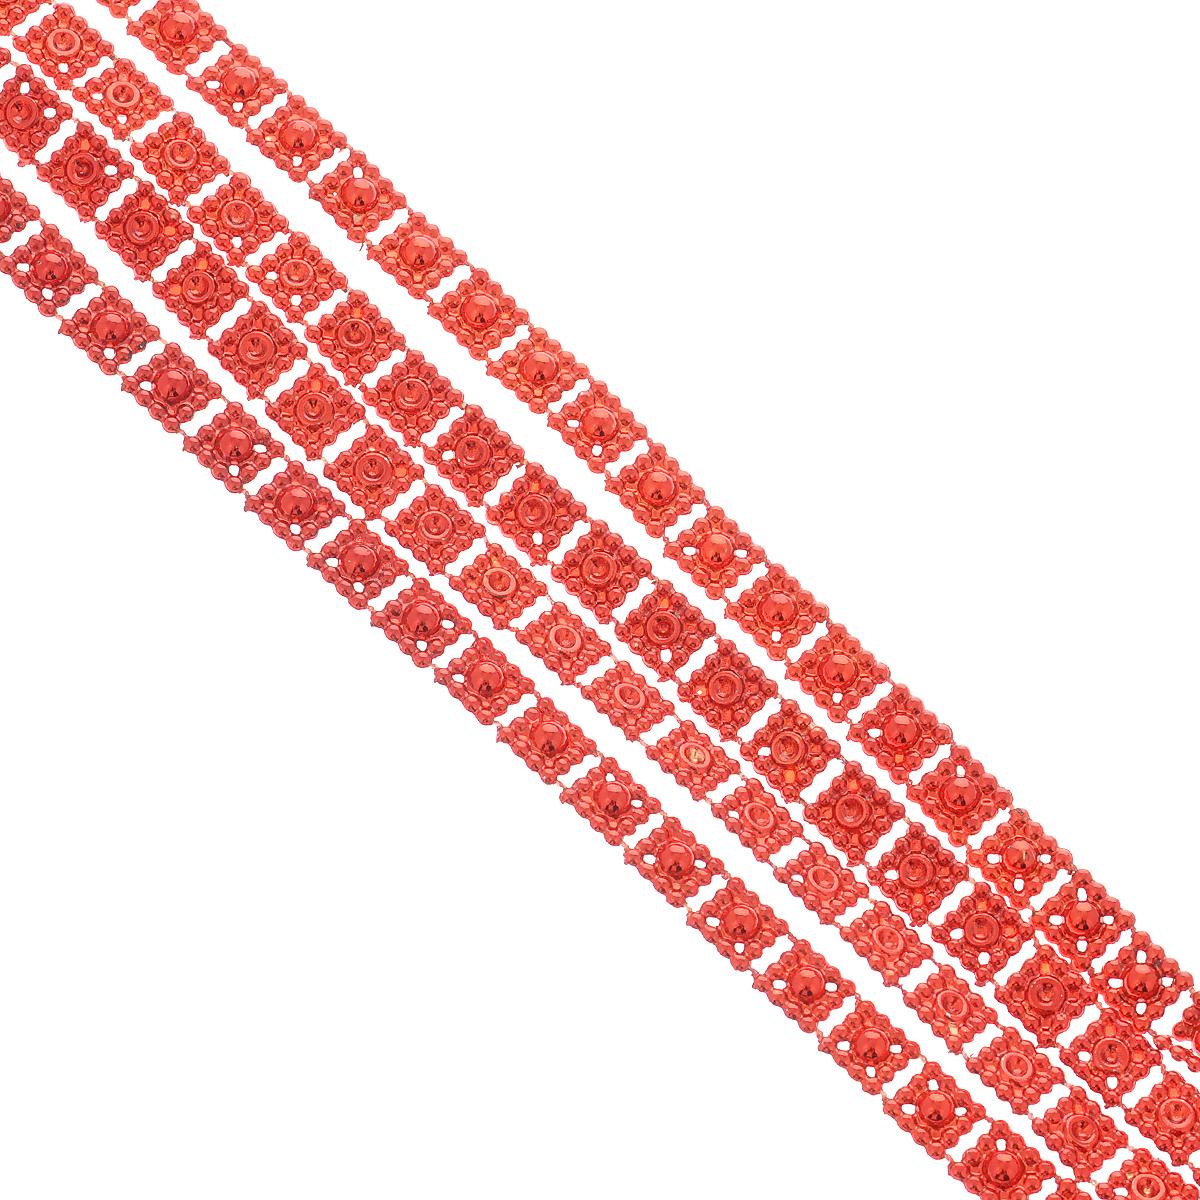 Новогодняя гирлянда Квадратики, цвет: красный, 2,7 м. 3443638249Новогодняя гирлянда прекрасно подойдет для декора дома или офиса. Украшение выполнено из разноцветной металлизированной фольги. С помощью специальных петелек гирлянду можно повесить в любом понравившемся вам месте. Украшение легко складывается и раскладывается. Новогодние украшения несут в себе волшебство и красоту праздника. Они помогут вам украсить дом к предстоящим праздникам и оживить интерьер по вашему вкусу. Создайте в доме атмосферу тепла, веселья и радости, украшая его всей семьей.